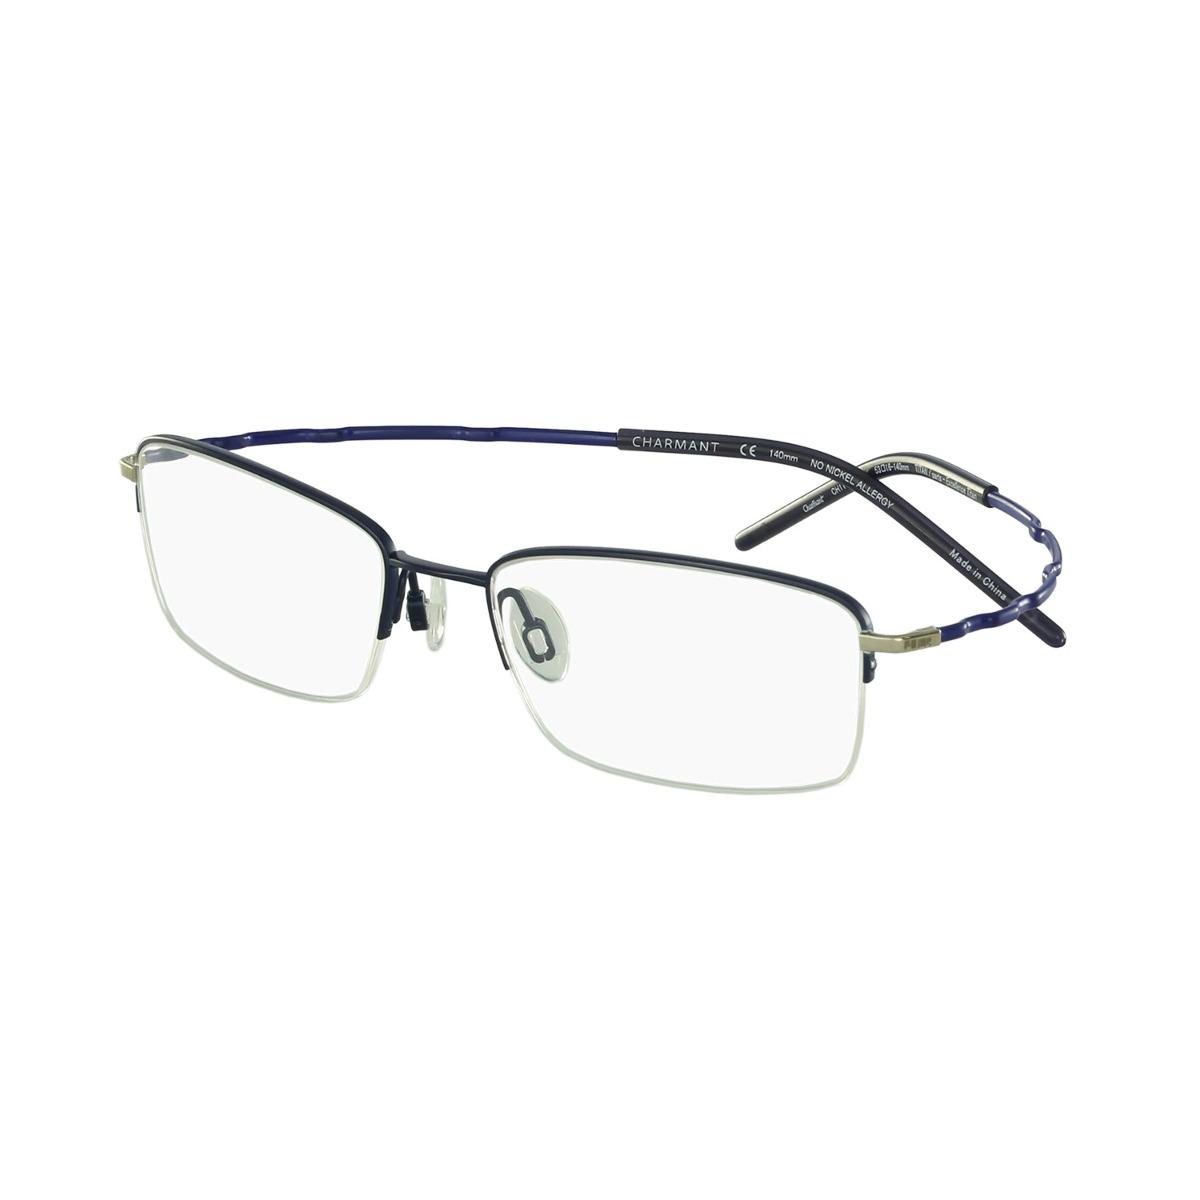 Óculos De Grau Puma Casual Azul 19228 - R  189,00 em Mercado Livre 24c526c742